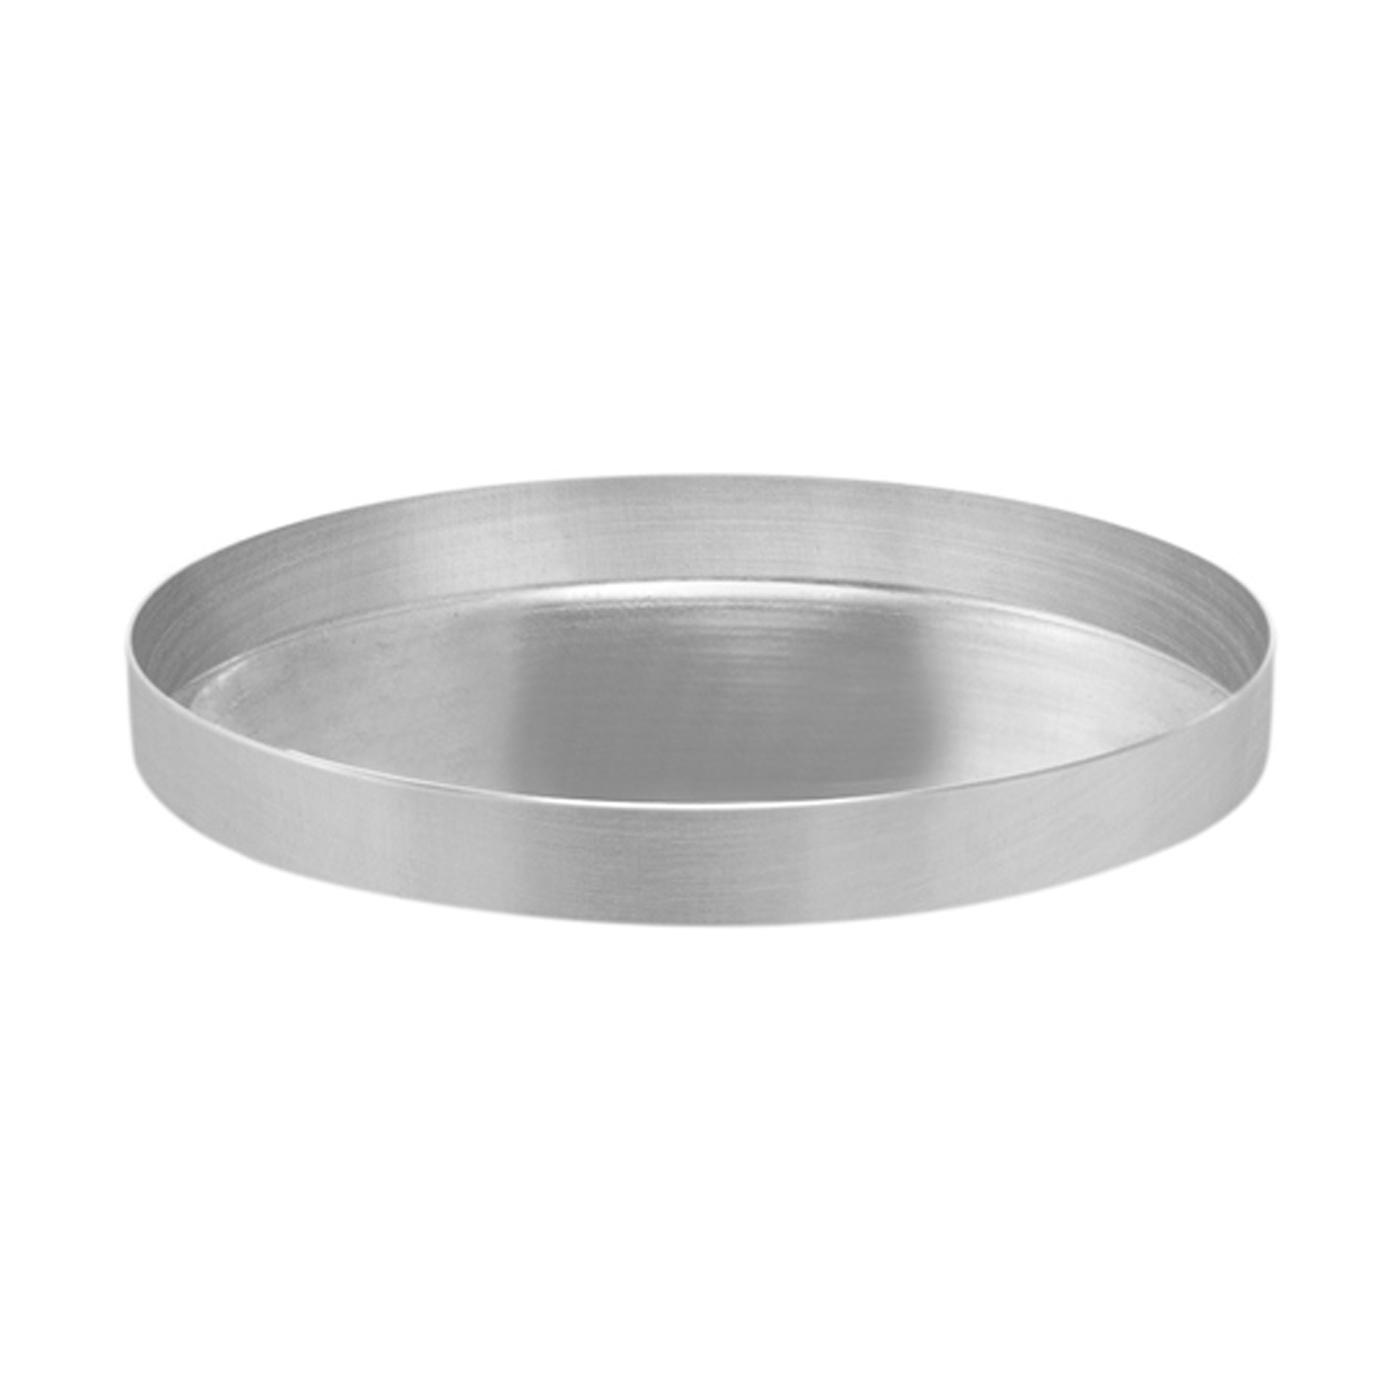 Forma Assadeira de Pizza Alumínio 15cm x 1,5cm